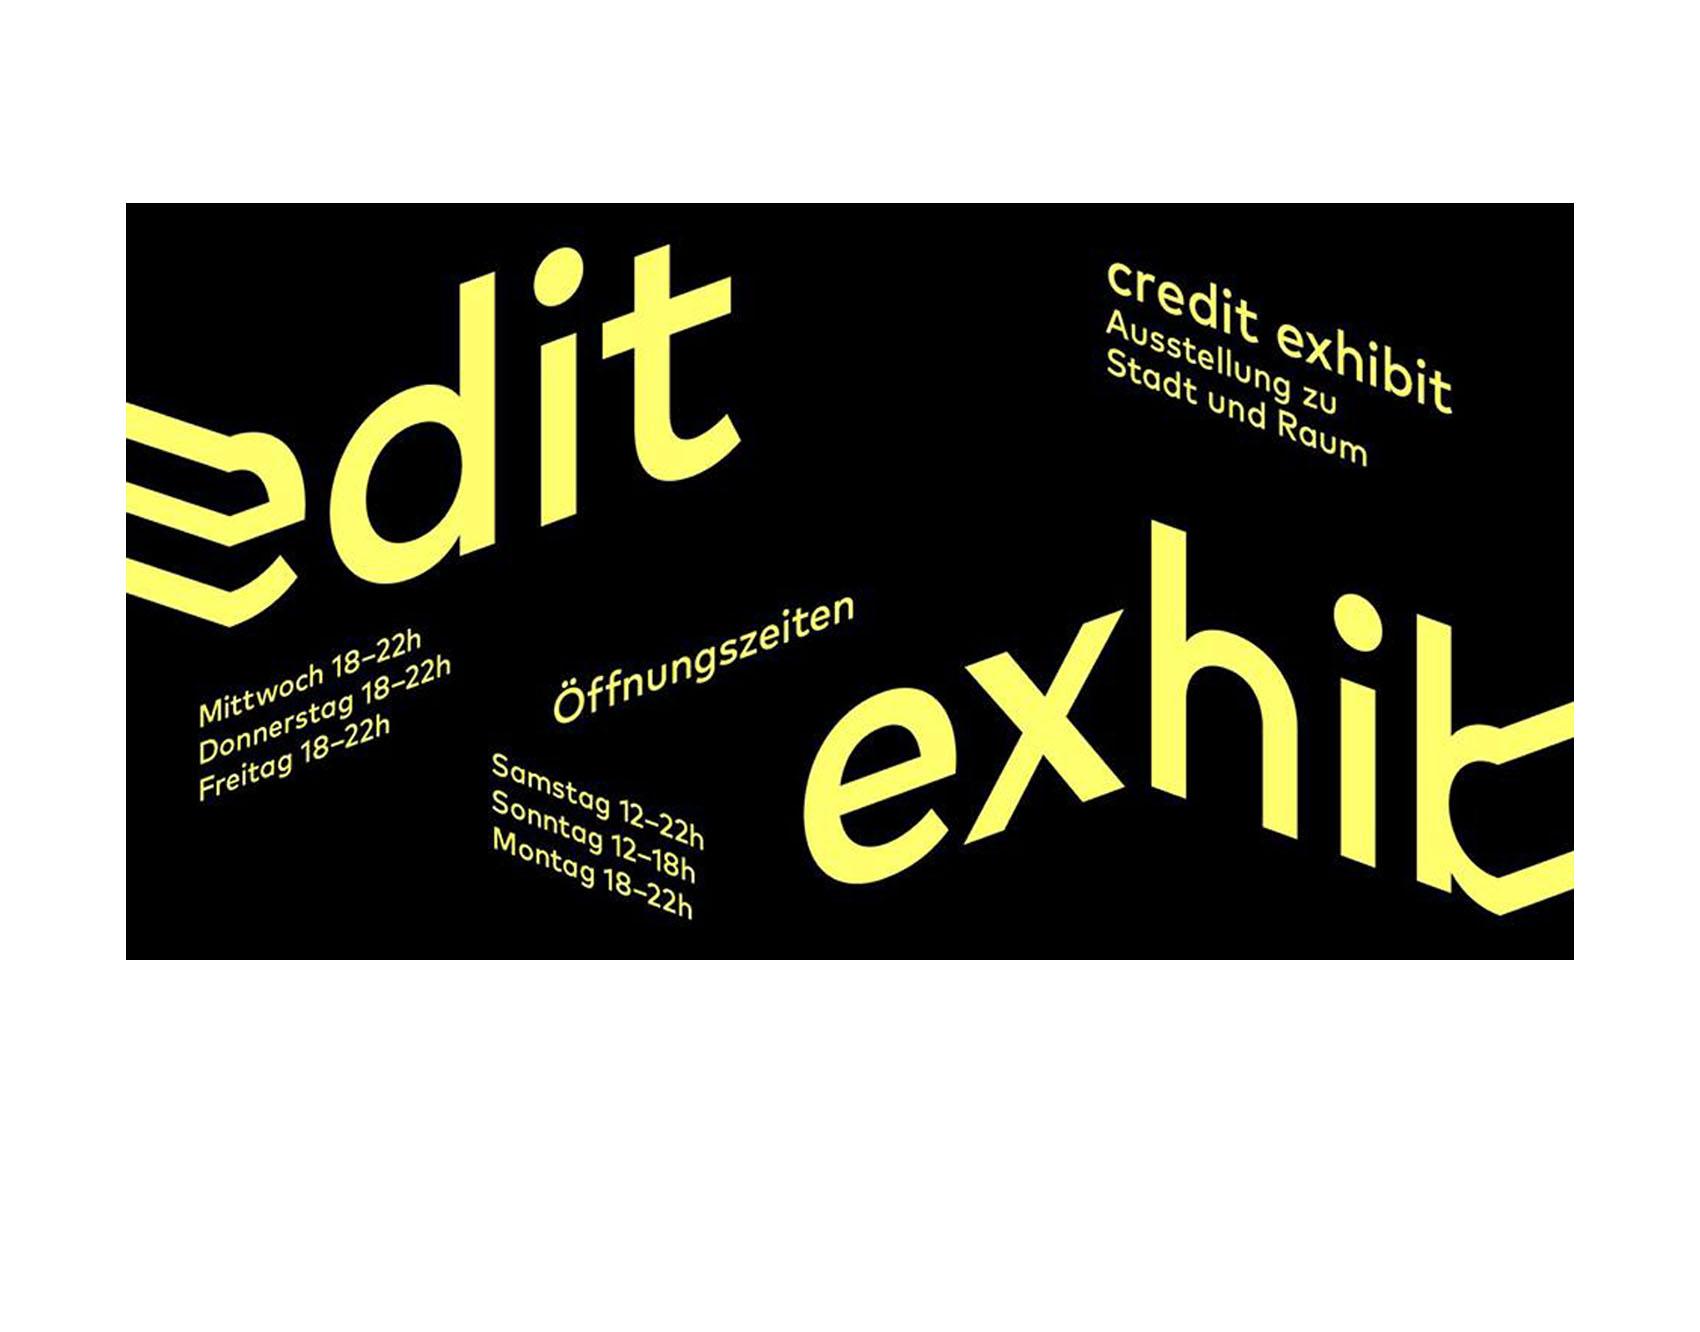 """10/2018<br>Unser Projekt """"Europan 14 - productive city"""" wird auf der Credit ausgestellt.<br>Ihr seit alle eingeladen zum anschauen und mitfeiern!<br><br><a href=""""http://www.credit-exhibit.de""""target=""""_blank"""">credit exhibit</a> – <a href=""""/e14"""">Projekt</a>"""